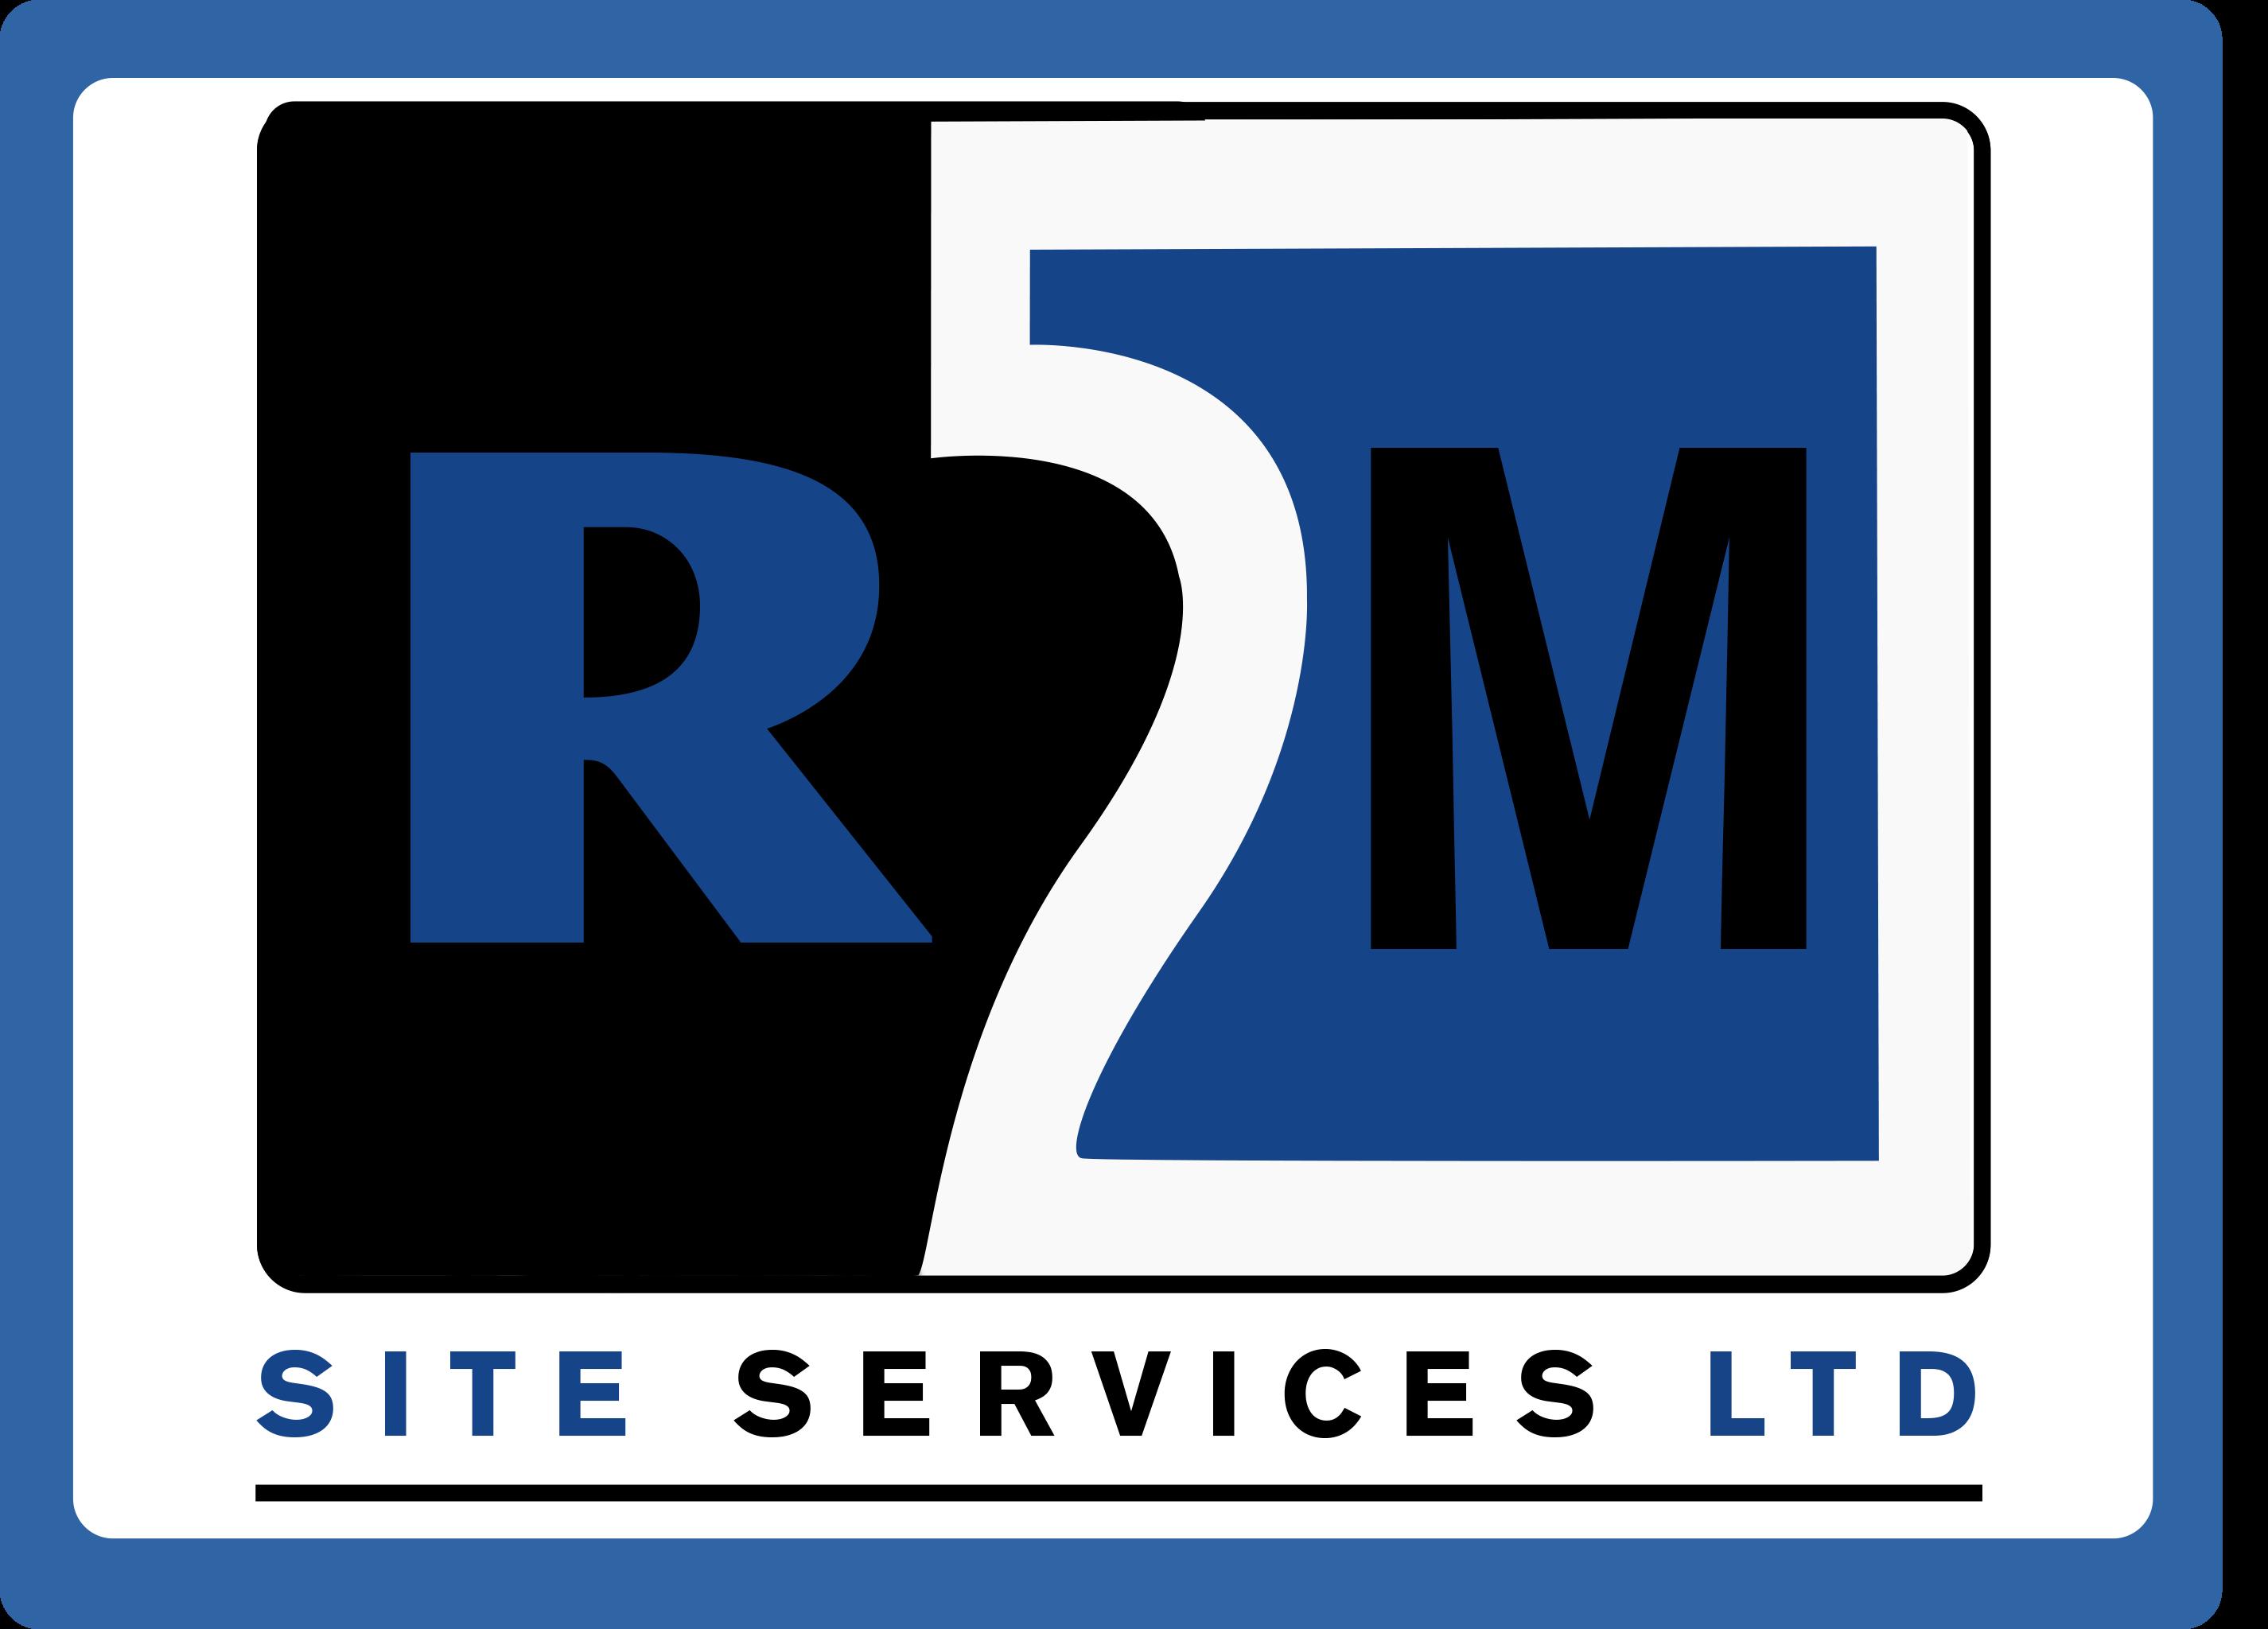 R2M Site Services